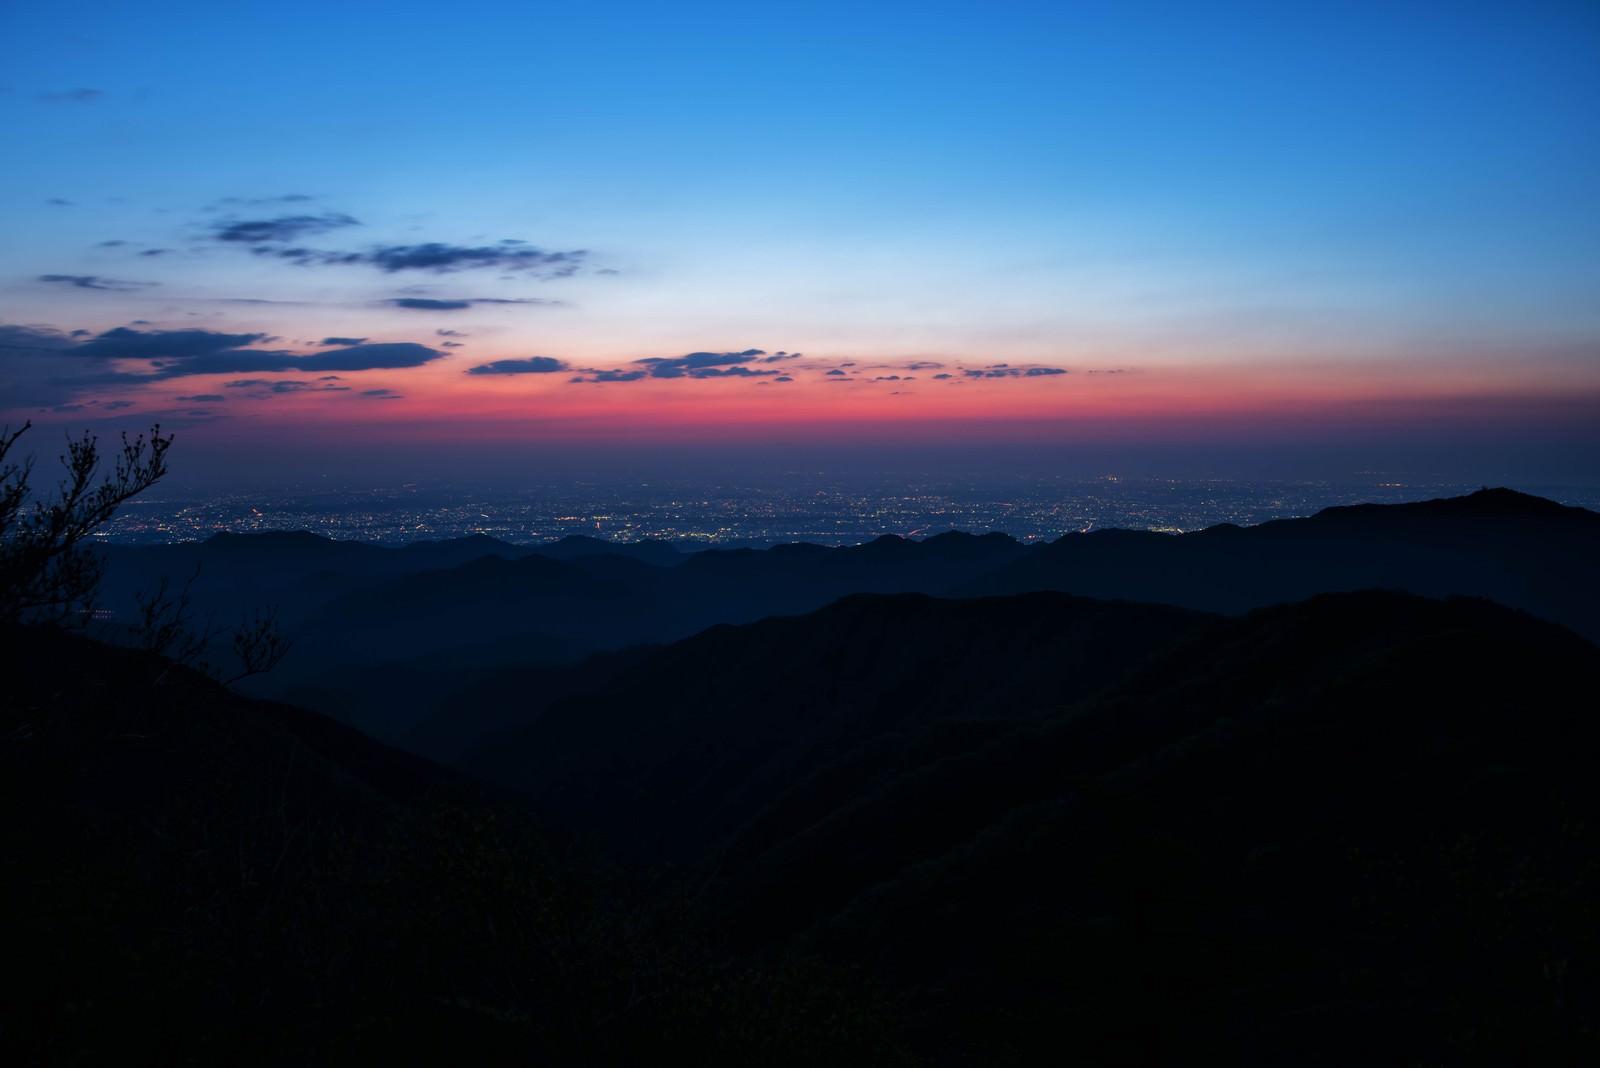 「茜色に染まる空と街並みを望む山々のシルエット | 写真の無料素材・フリー素材 - ぱくたそ」の写真